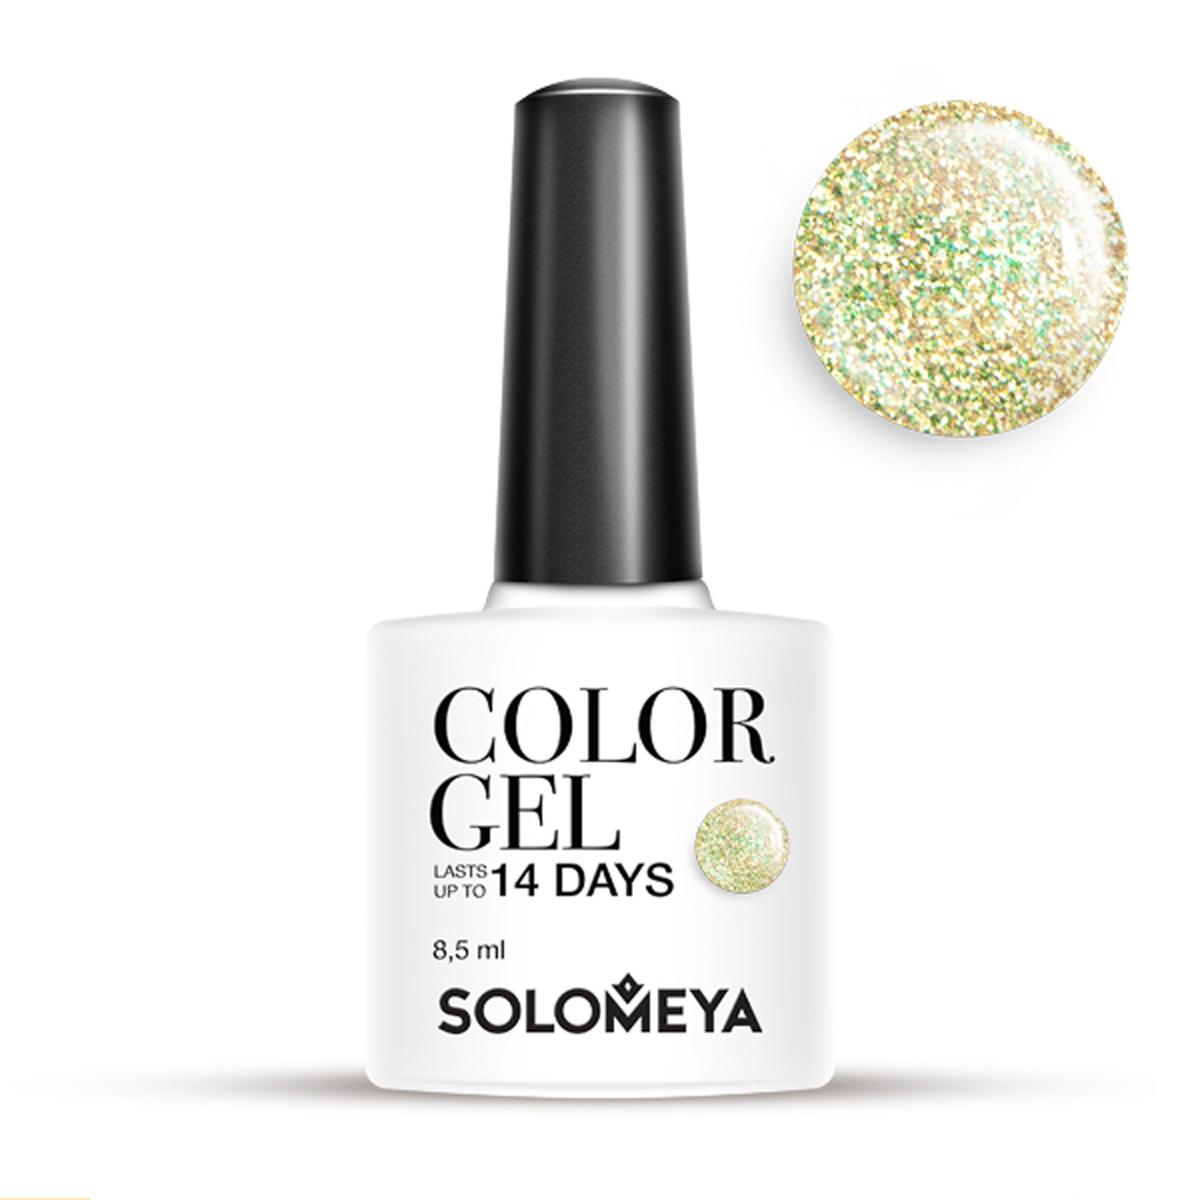 SOLOMEYA Гель-лак Solomeya Color Gel Patsy SCG159/Пэтси 8,5 млГель-лаки<br>Гель-лак Color Gel Solomeya подарит маникюру яркость, палитру из 100 оттенков и стойкость до 21 дня. Благодаря оптимальной консистенции он легко и равномерно наносится, не оставляя пузырьков и проплешин. В состав гель-лака входят качественные красители, обеспечивающие высокую пигментированность каждого оттенка. Не содержит толуол, растворители и отвердители. Способ применения: поверх базового геля нанесите 1 тонкий слой средства, запечатывая торцы ногтей, и просушите в UV-лампе (36 Вт) 1 минуту или в LED-лампе - 30 секунд. Затем нанесите второй слой цветного гель-лака, также запечатывая торцы ногтей, и просушите в UV-лампе (36 Вт) 1 минуту или в LED-лампе - 30 секунд.<br><br>Цвет: Желтые<br>Виды лака: С блестками